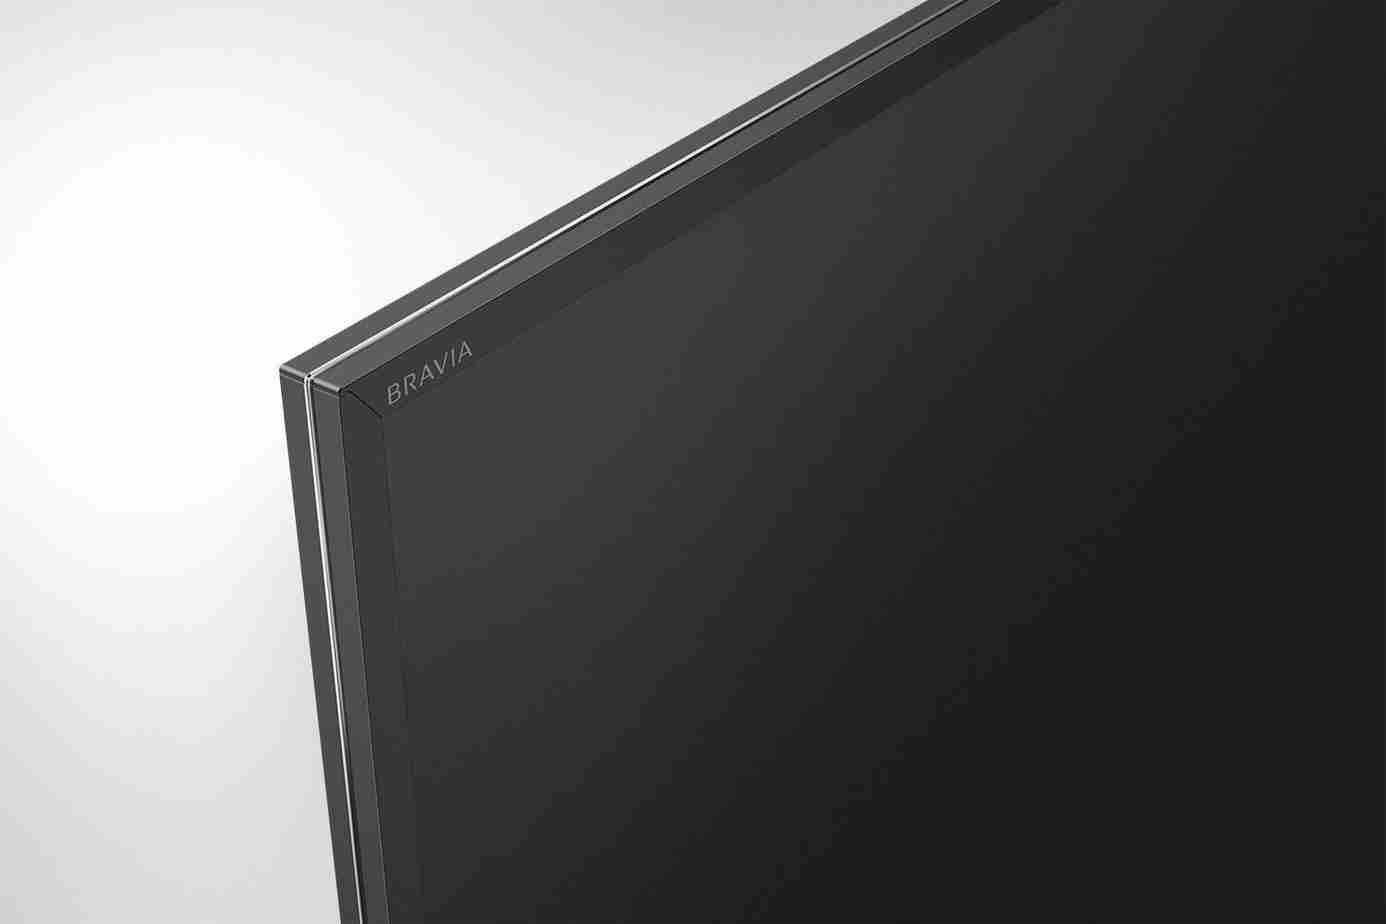 Sony Bravia XF80 frame